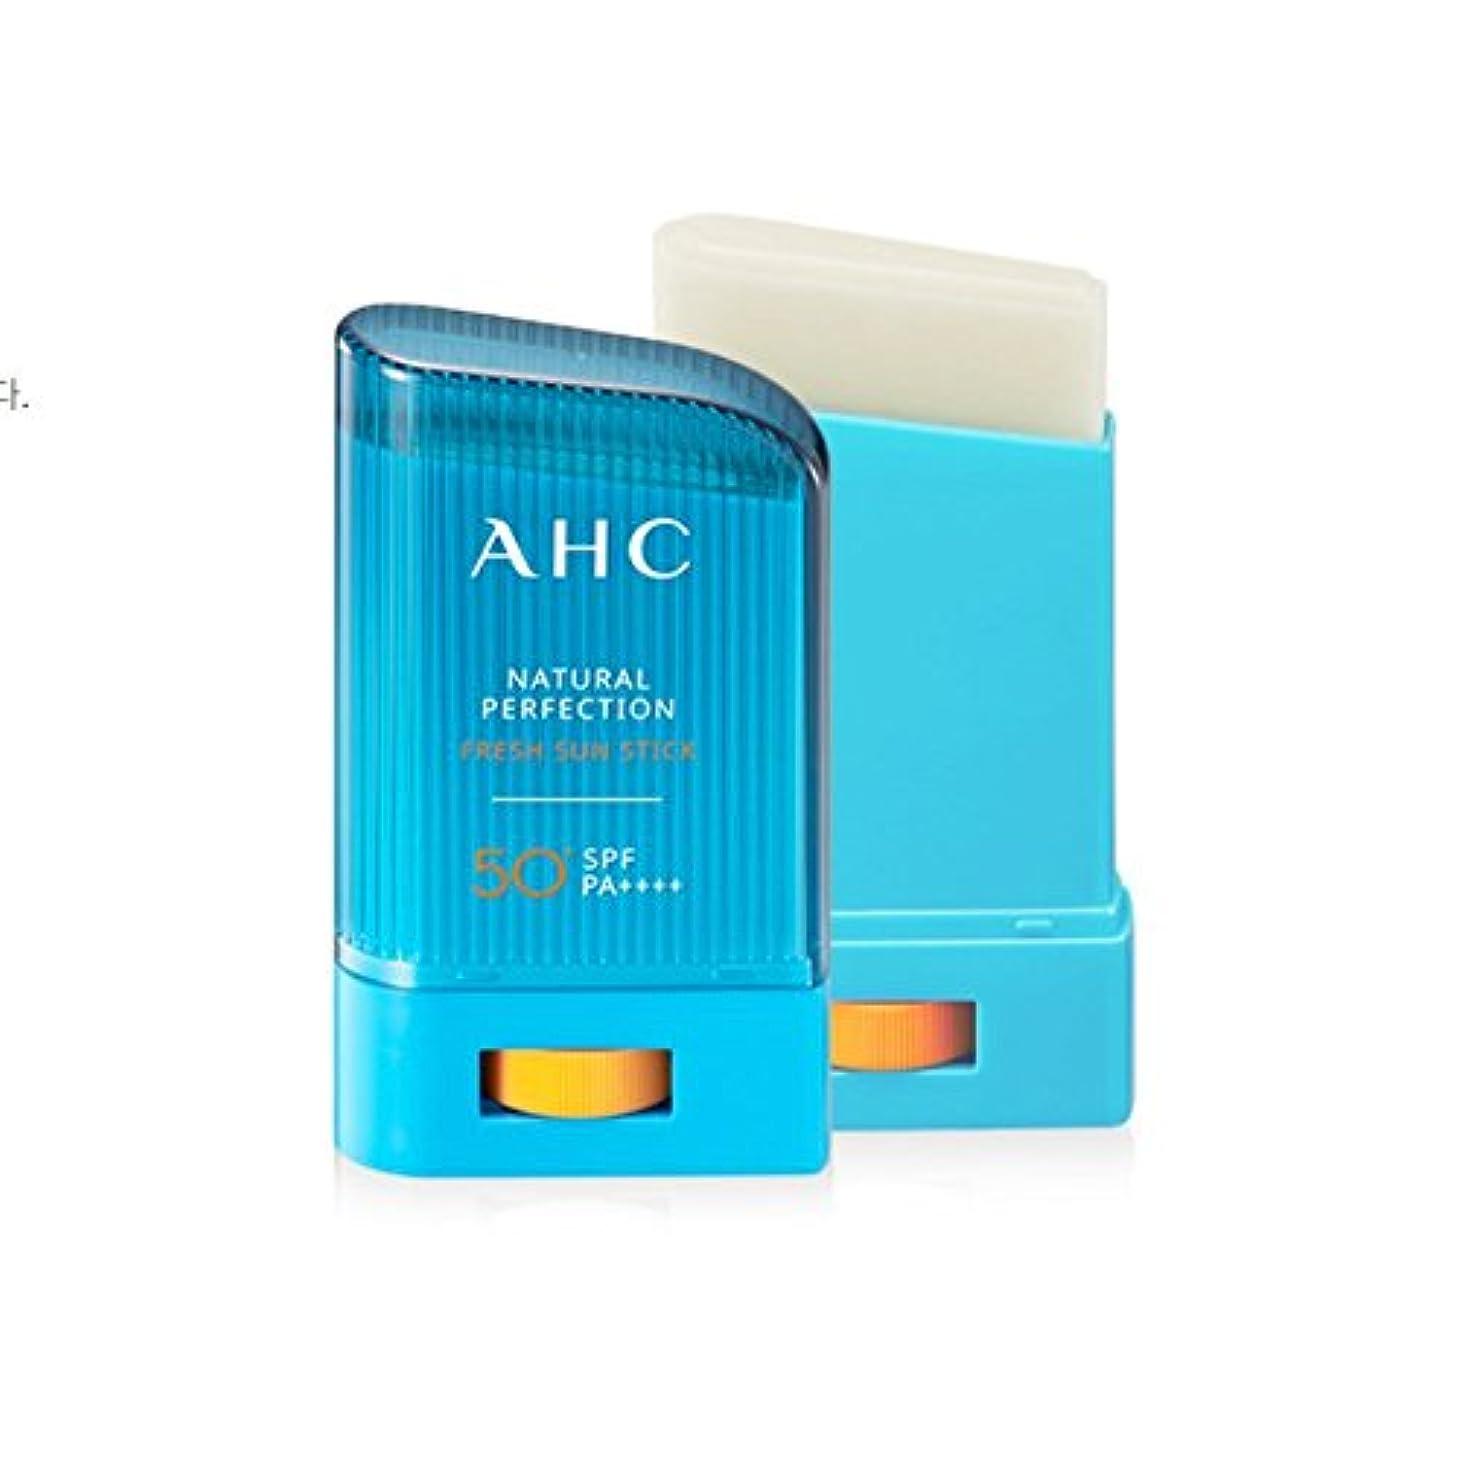 気取らないどこにもラリー2018年(Renewal) AHC ナチュラル サン スティック 22g/AHC Natural perfection fresh sun stick (22g) [並行輸入品]